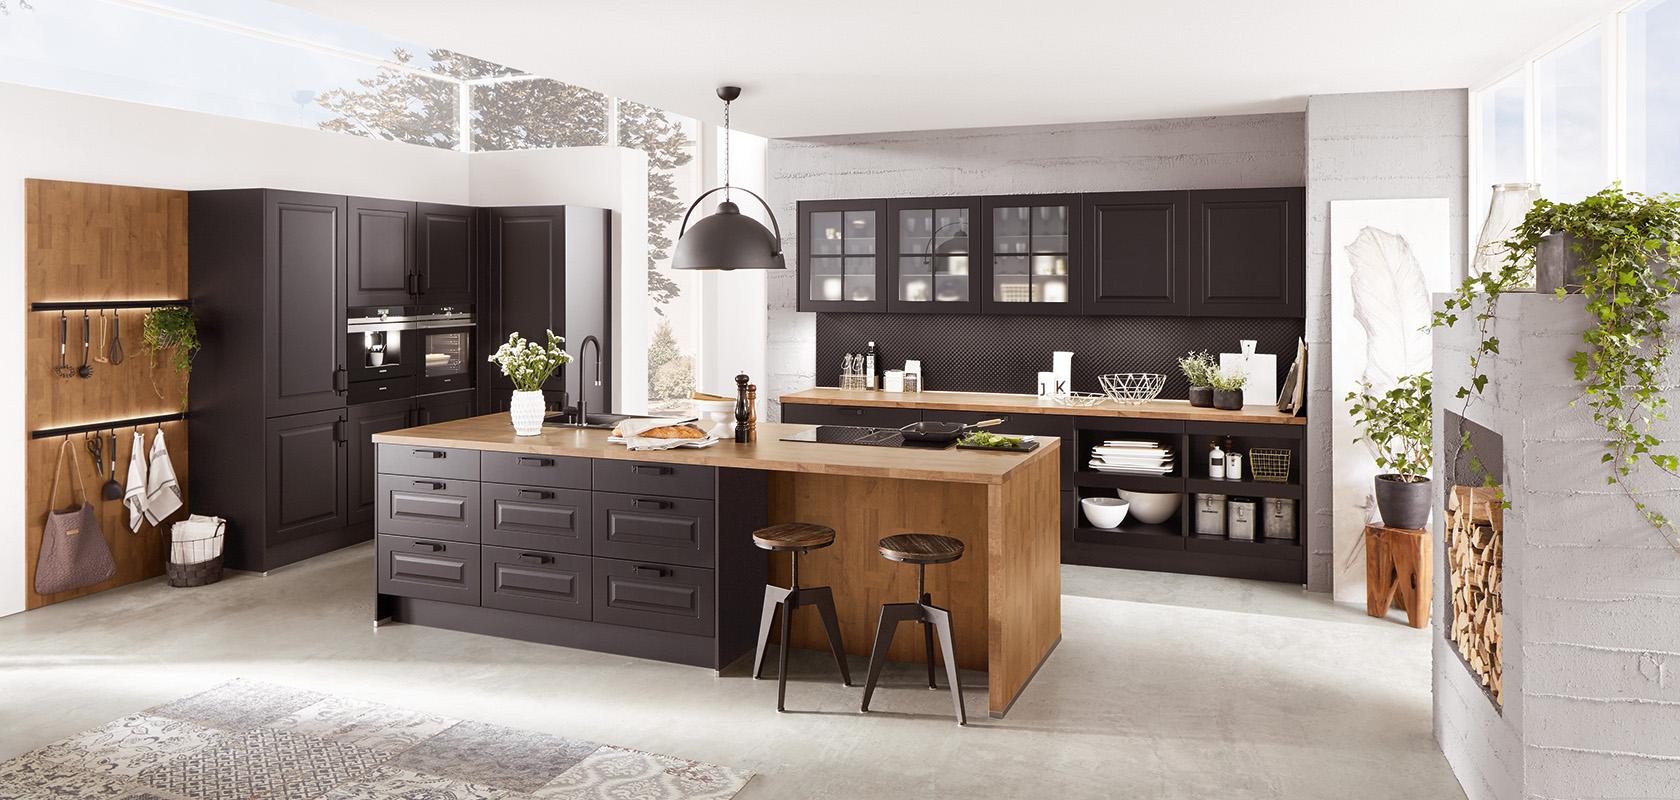 nobilia marken mondo vito celina welche k chenmarken z hlen zum hersteller nobilia. Black Bedroom Furniture Sets. Home Design Ideas